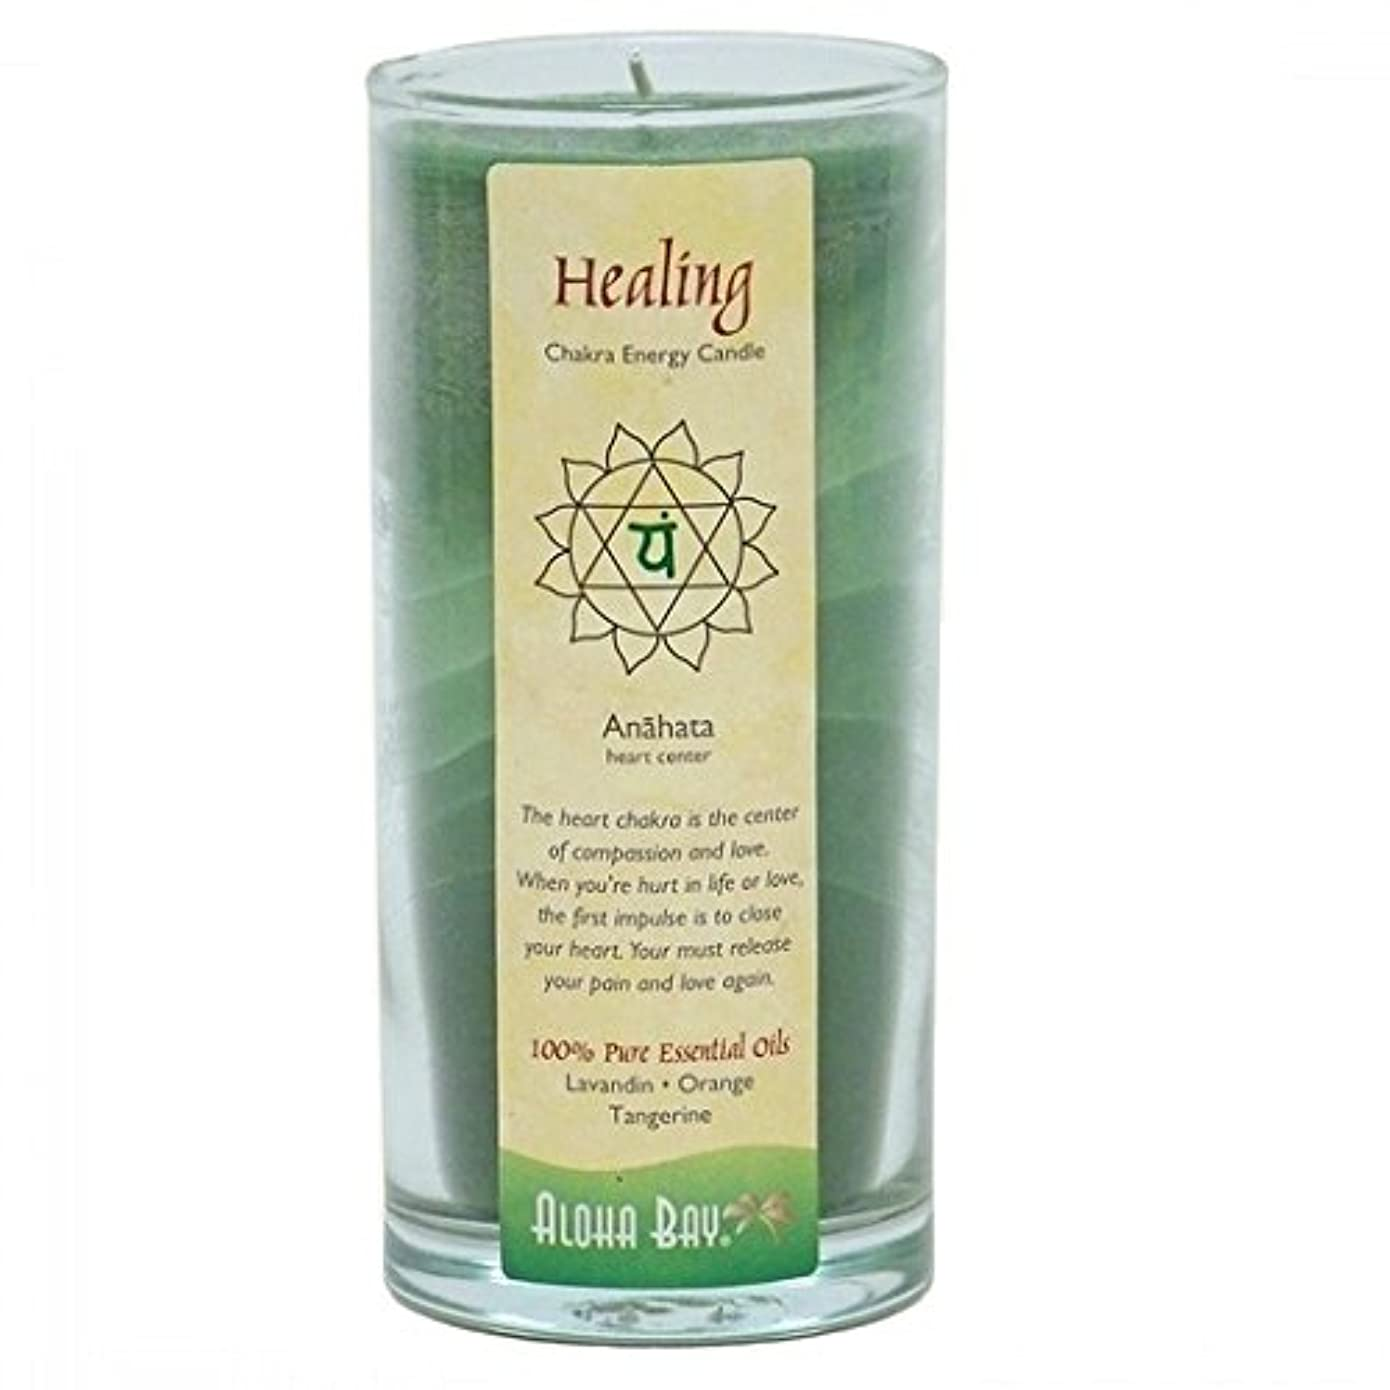 彼ら犠牲豊富なAloha Bay - Chakraエネルギー蝋燭の瓶の治療の治療 - 11ポンド